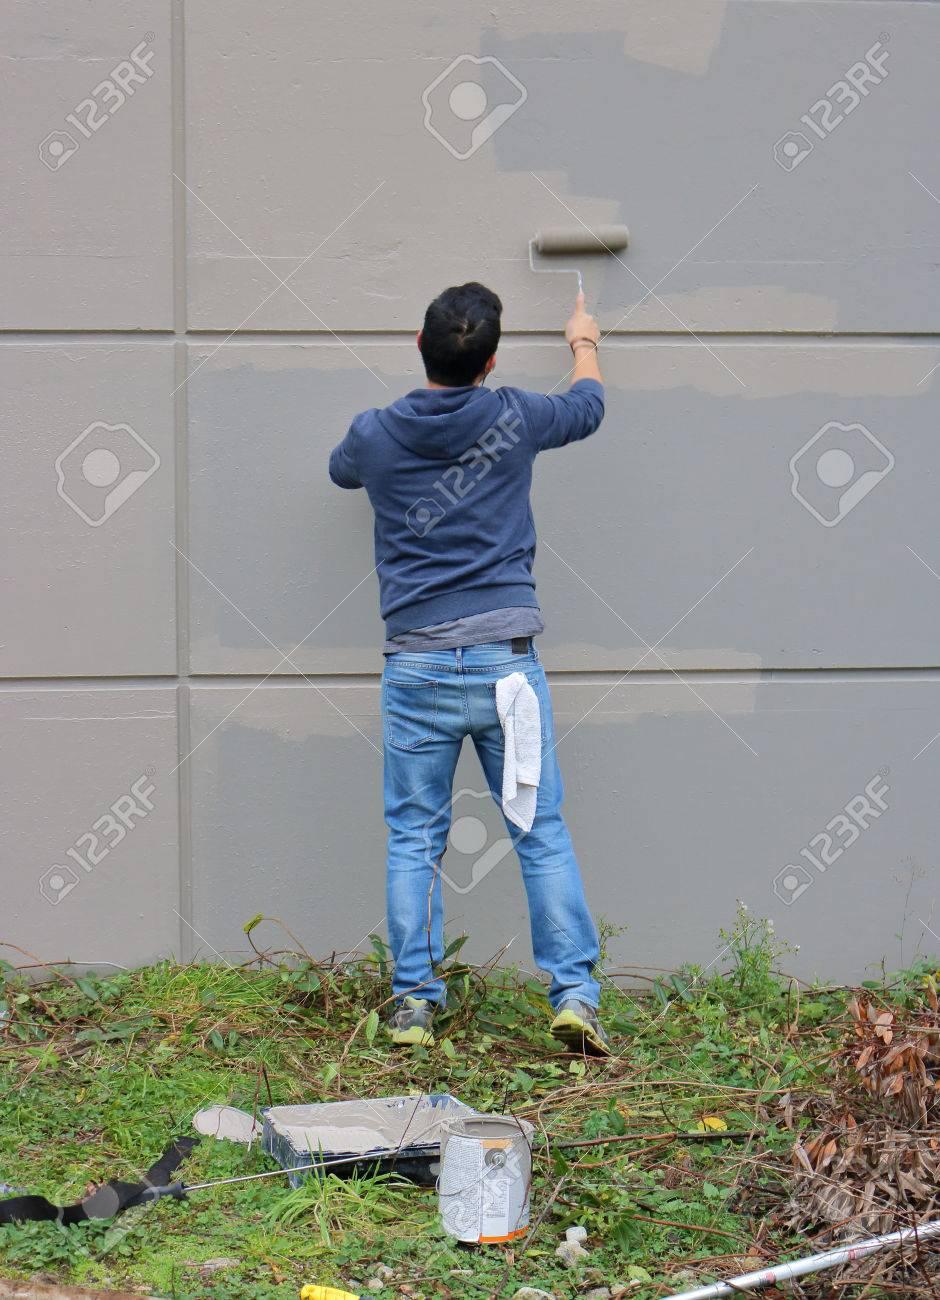 Un Peintre Industriel Applique Une Couche De Peinture Grise Sur Un Mur De Ciment Extérieur